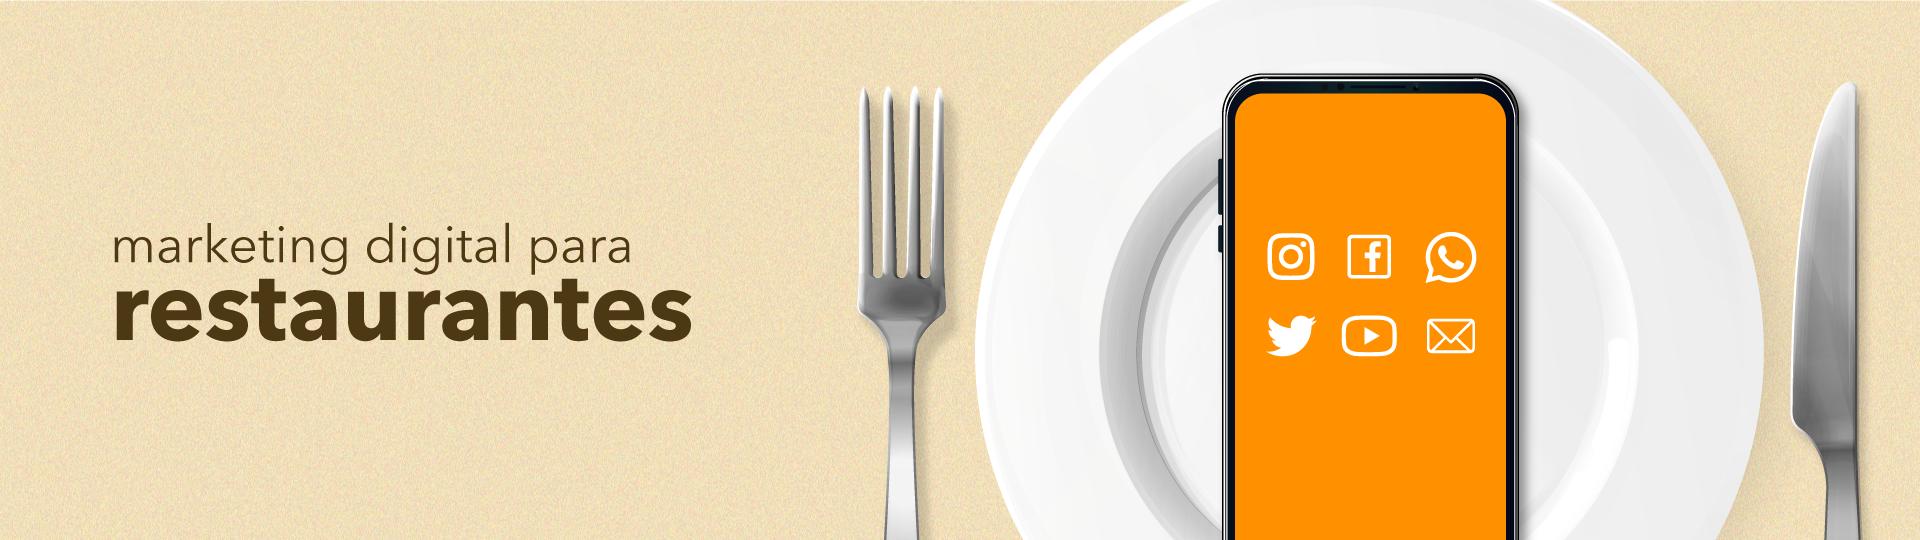 Guia-de-marketing-digital-restaurantes-a